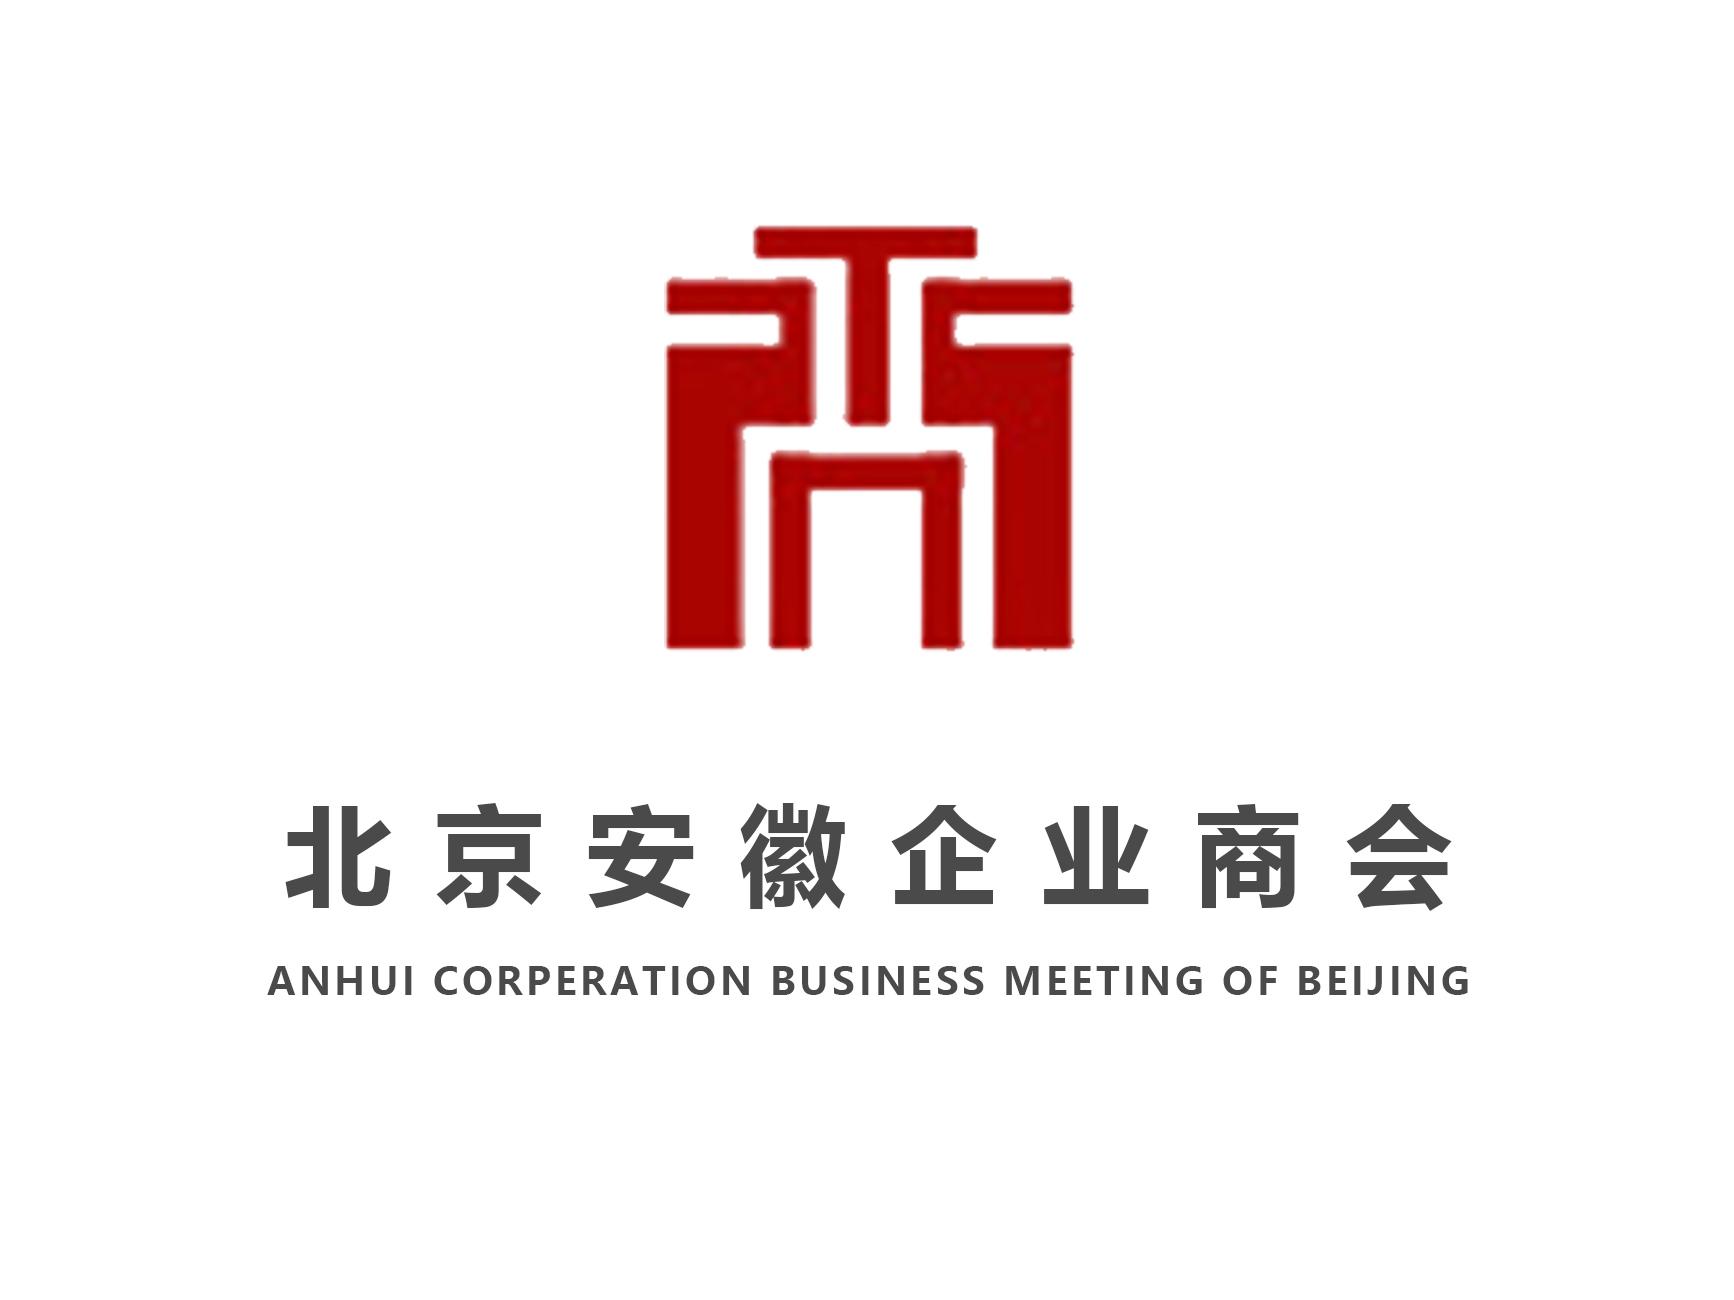 北京安徽企业商会——传承徽商精神